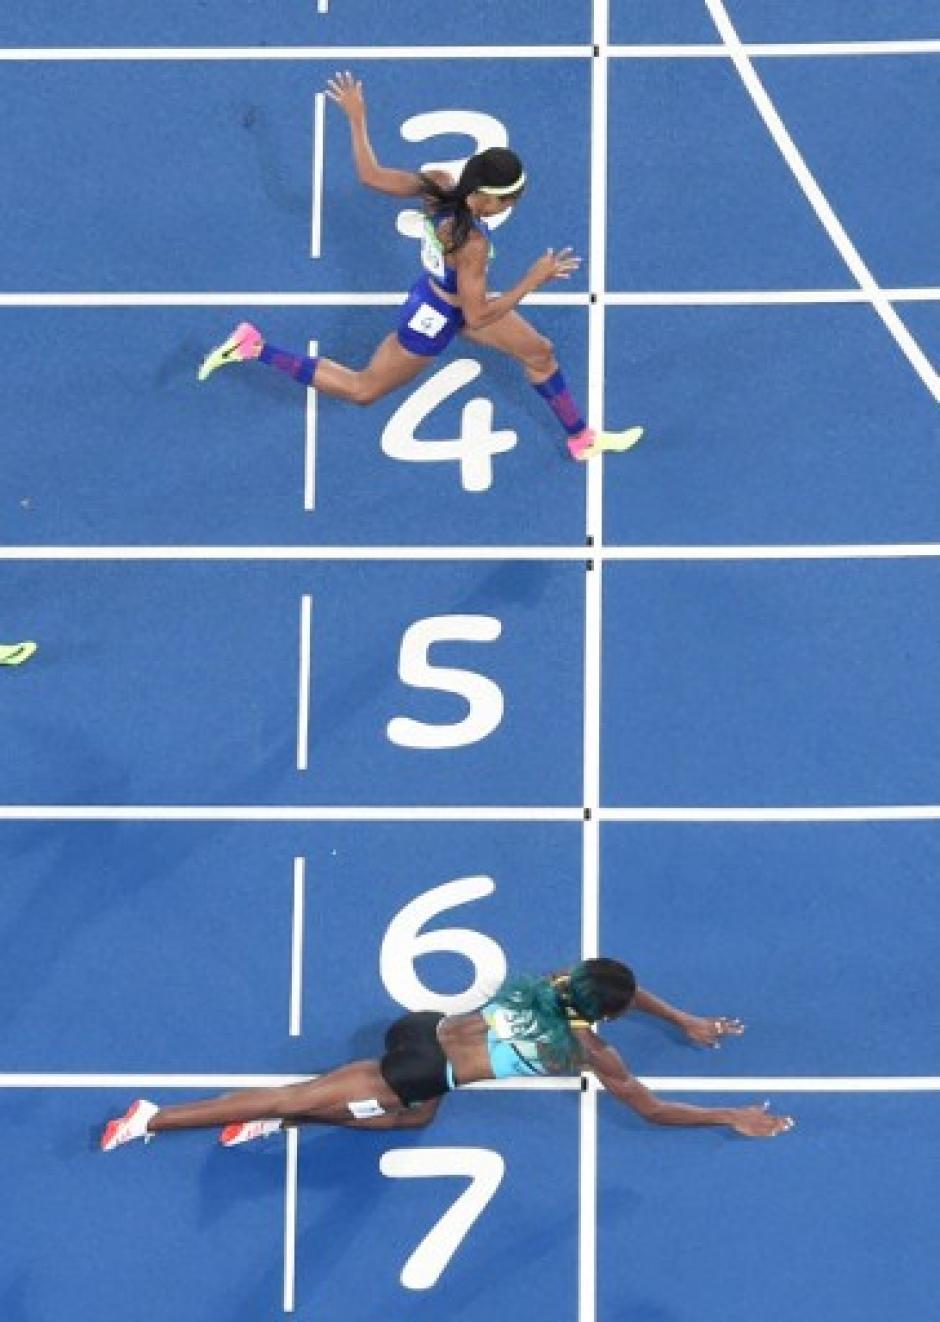 Sus hombros entraron primero y según las reglas, eso le dio el oro a Miller. (Foto: AFP)